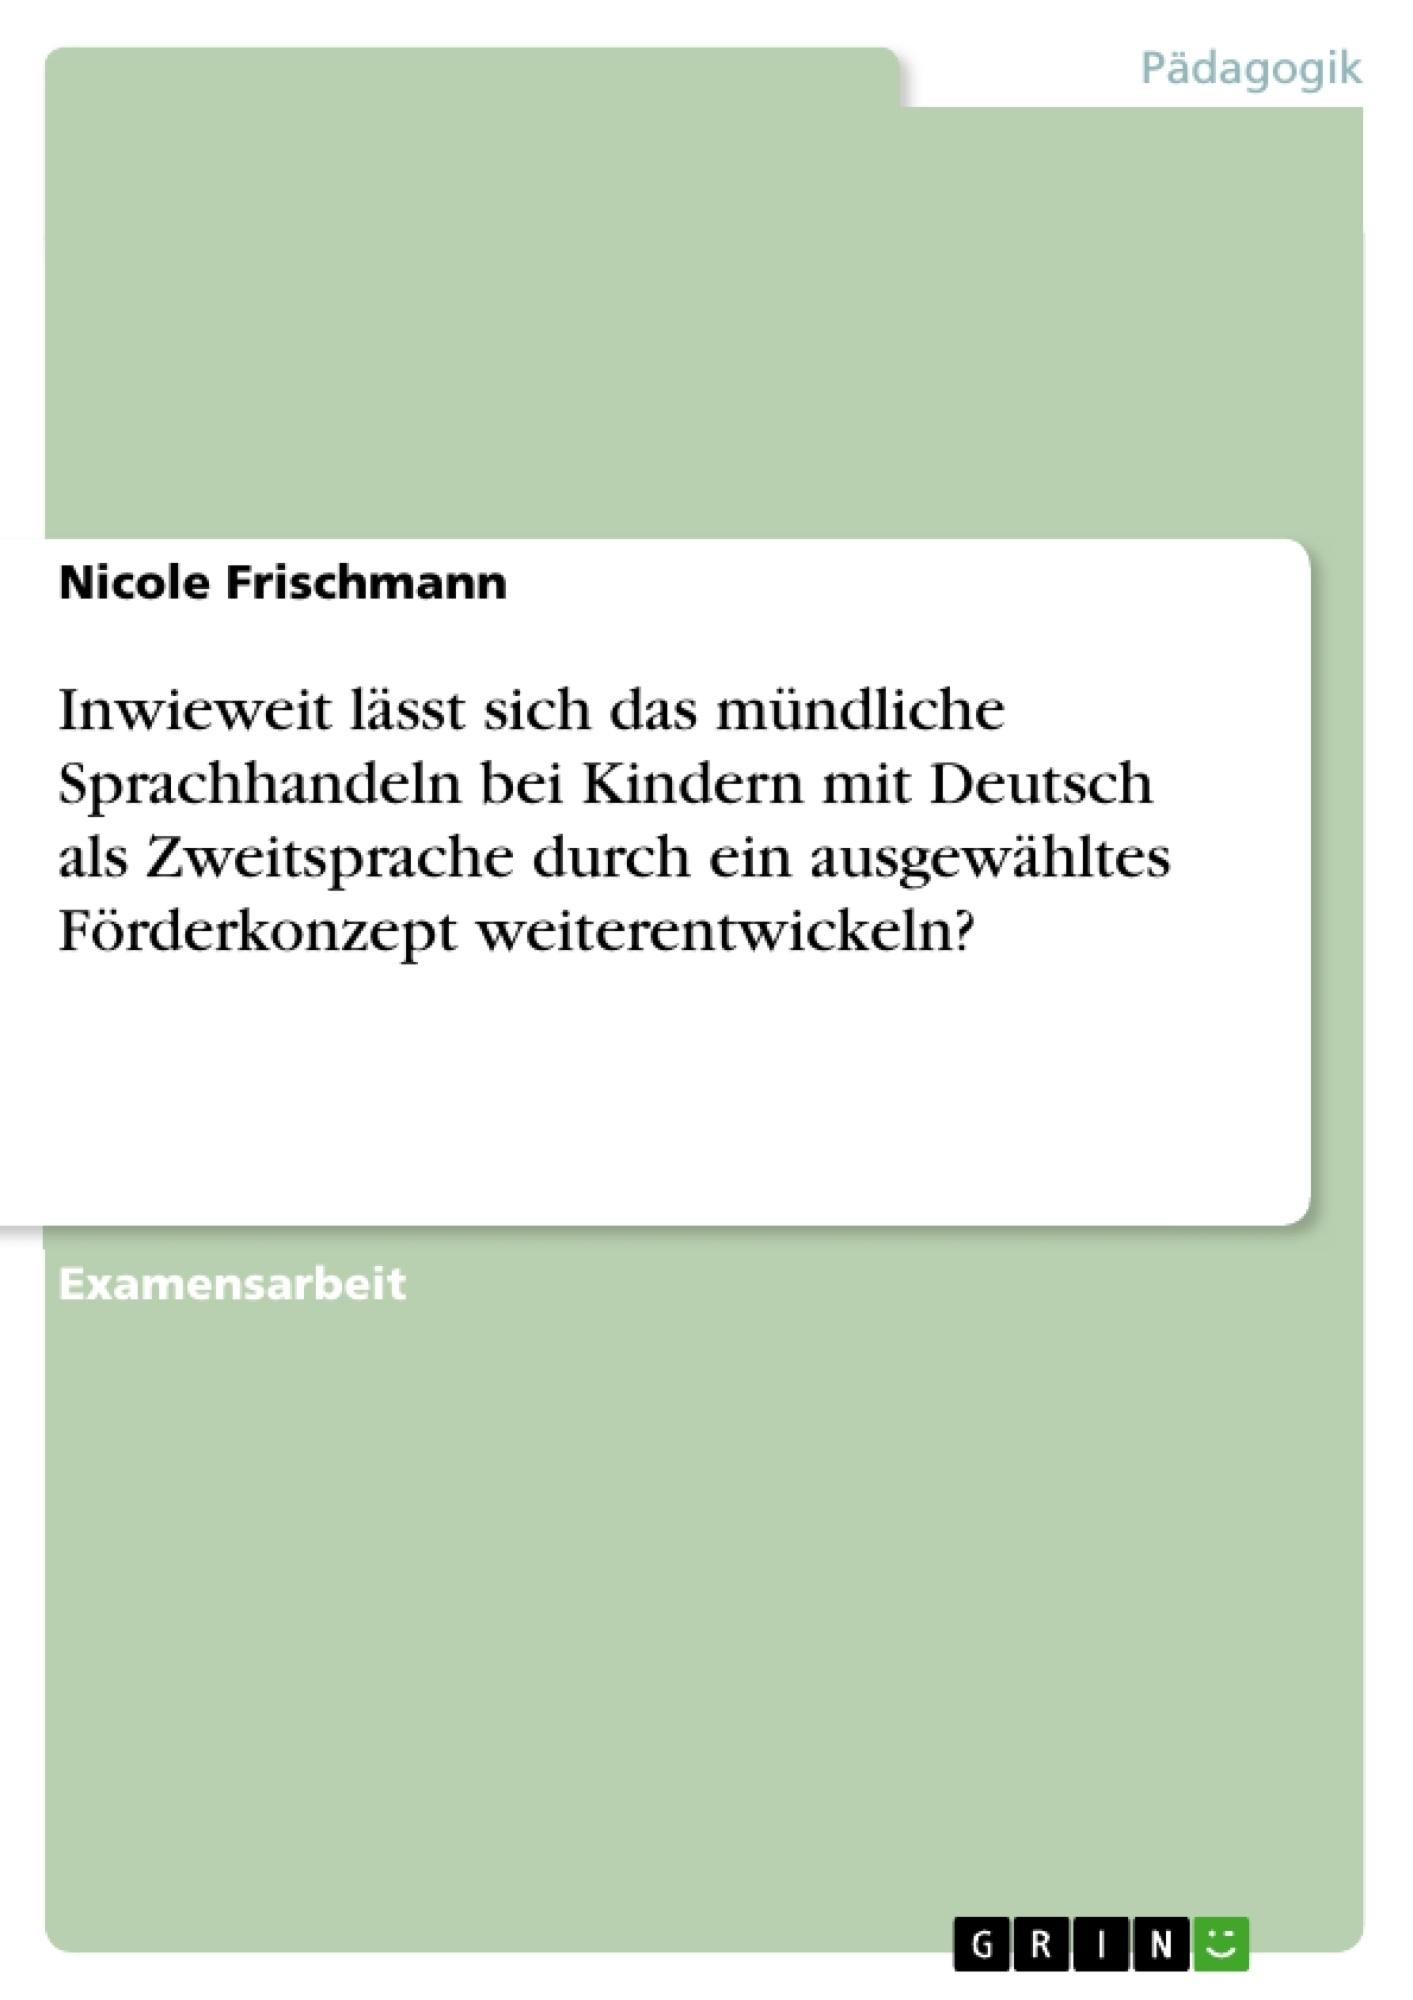 Titel: Inwieweit lässt sich das mündliche Sprachhandeln bei Kindern mit Deutsch als Zweitsprache durch ein ausgewähltes Förderkonzept weiterentwickeln?